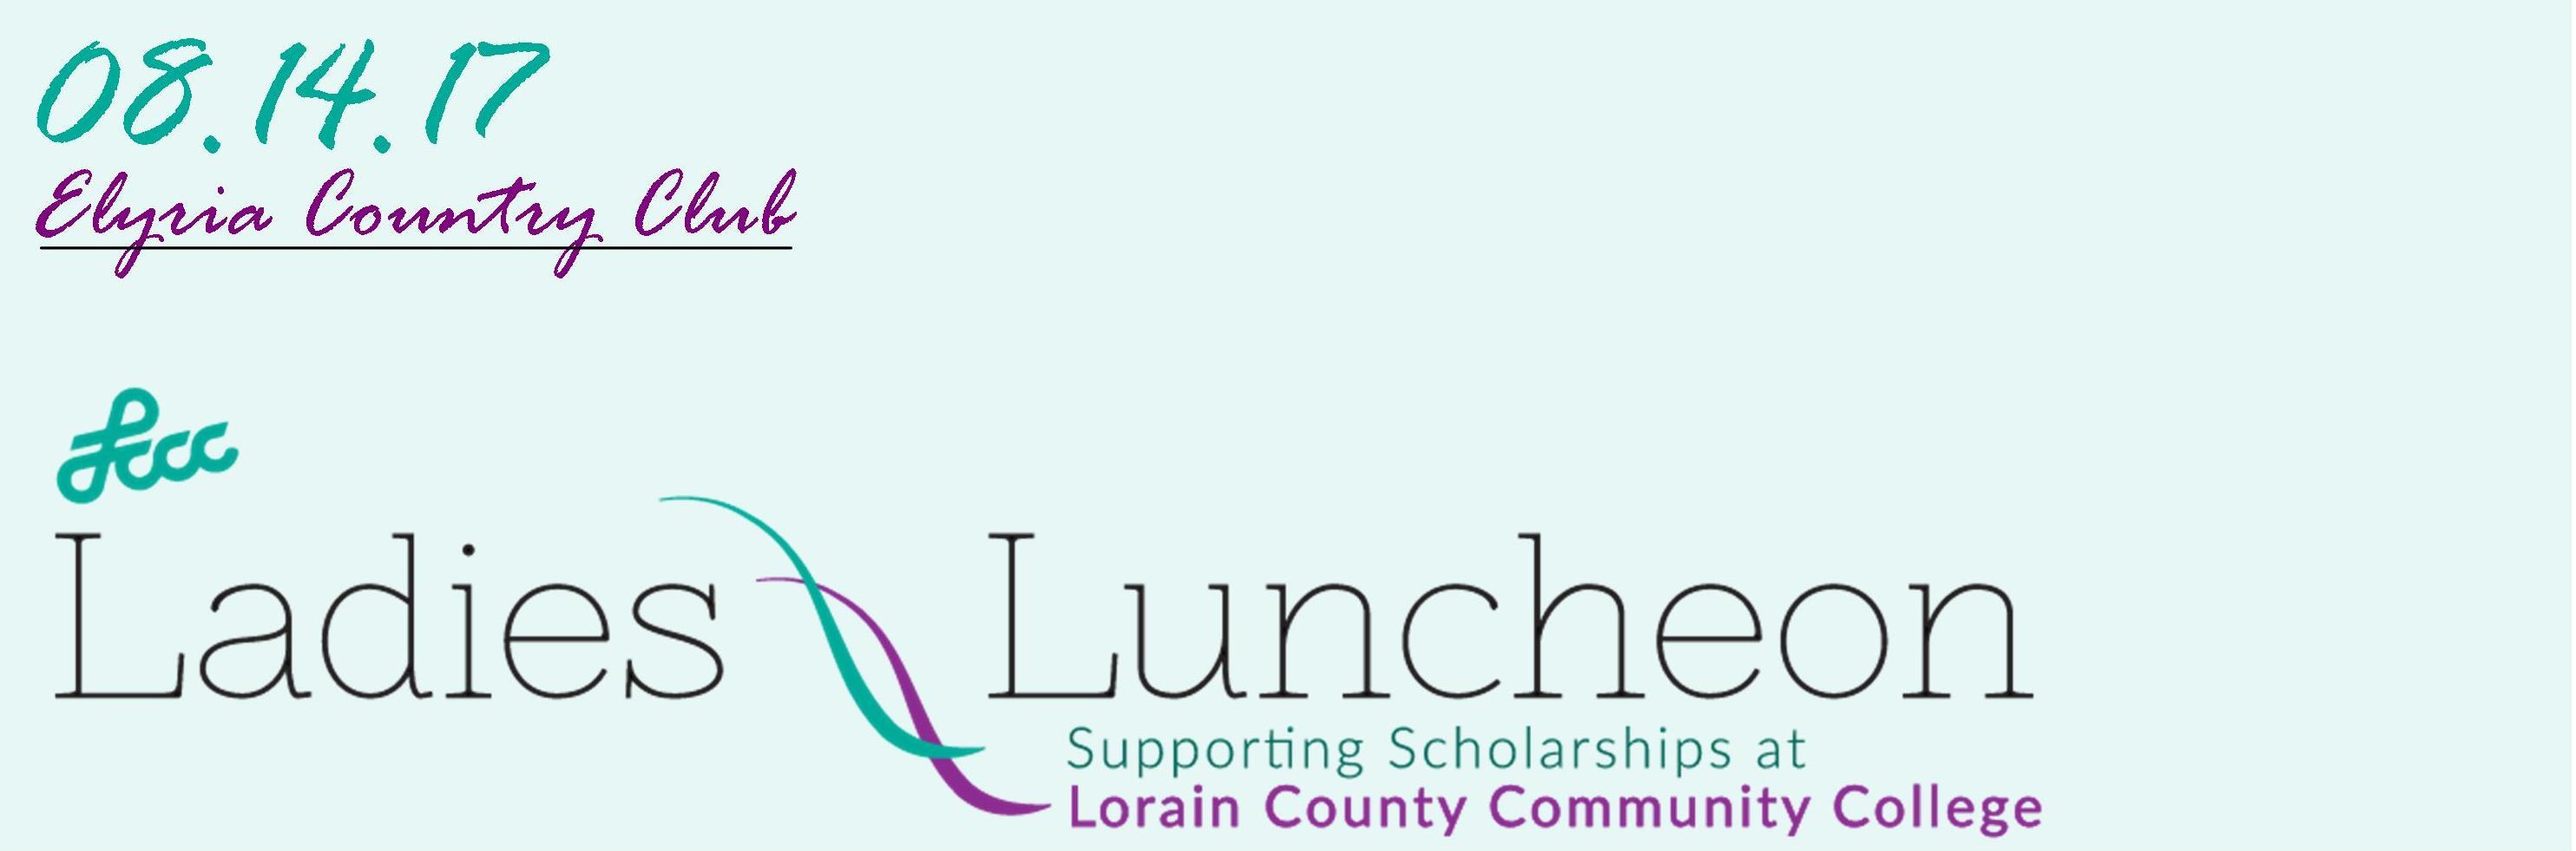 luncheon 2017